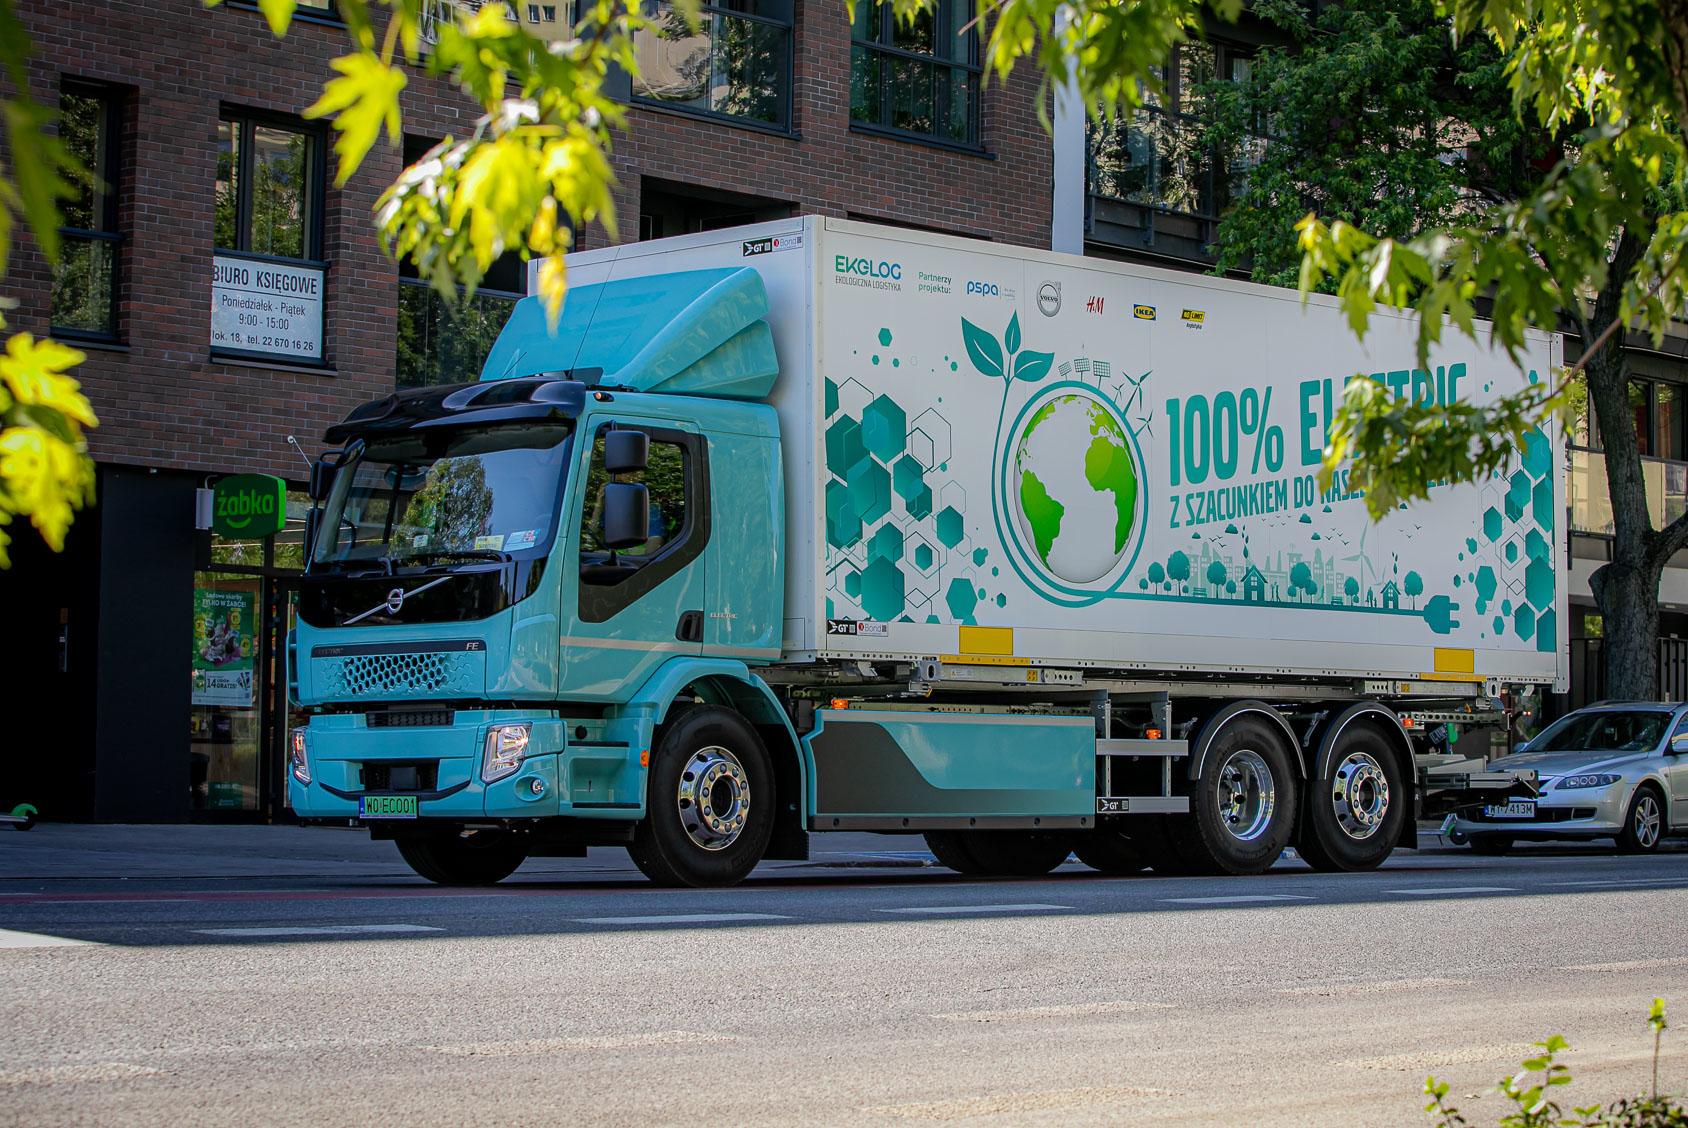 Oszczędności rzędu 52 proc. – są wyniki polskich testów elektrycznej ciężarówki w logistyce miejskiej